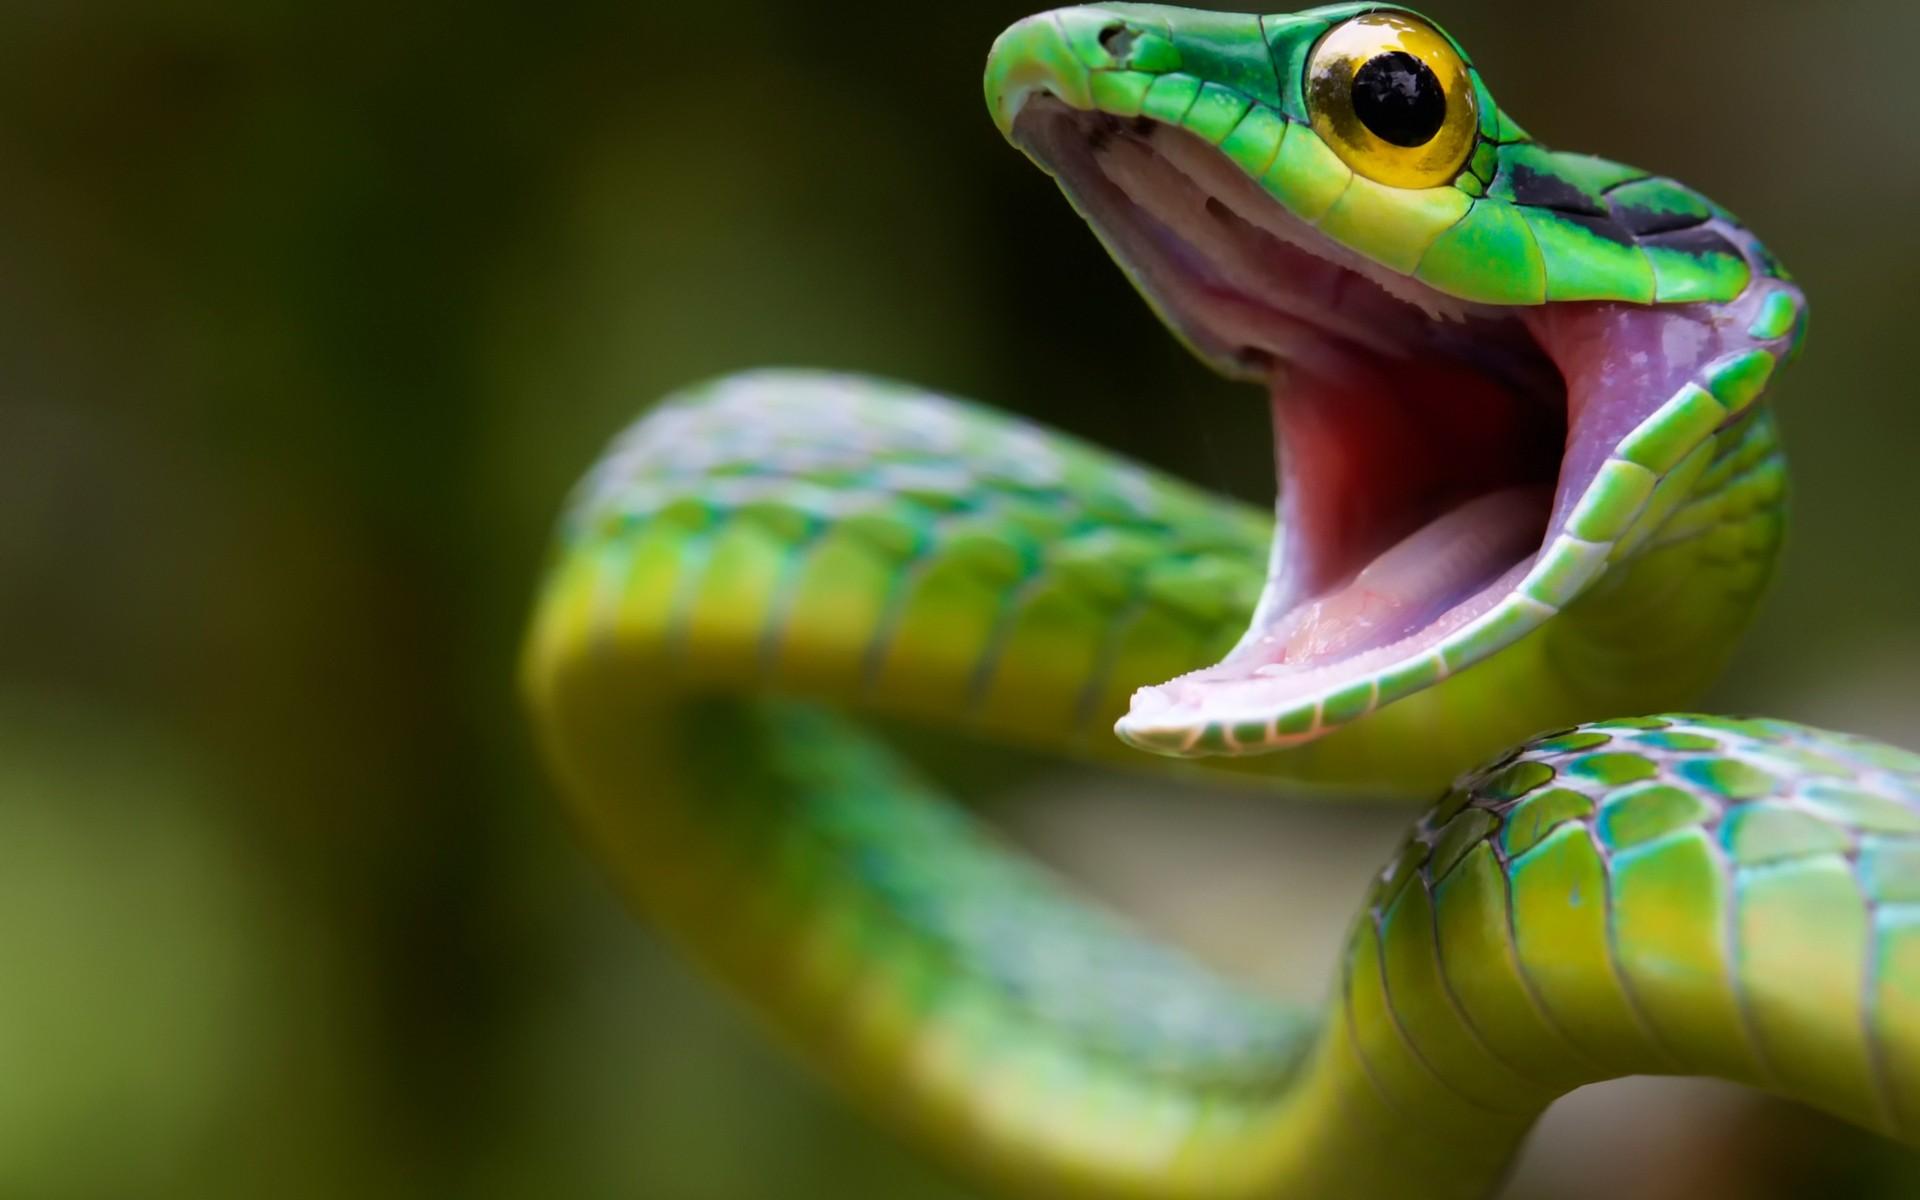 snake-alexis-seg-lesbian-porn-game